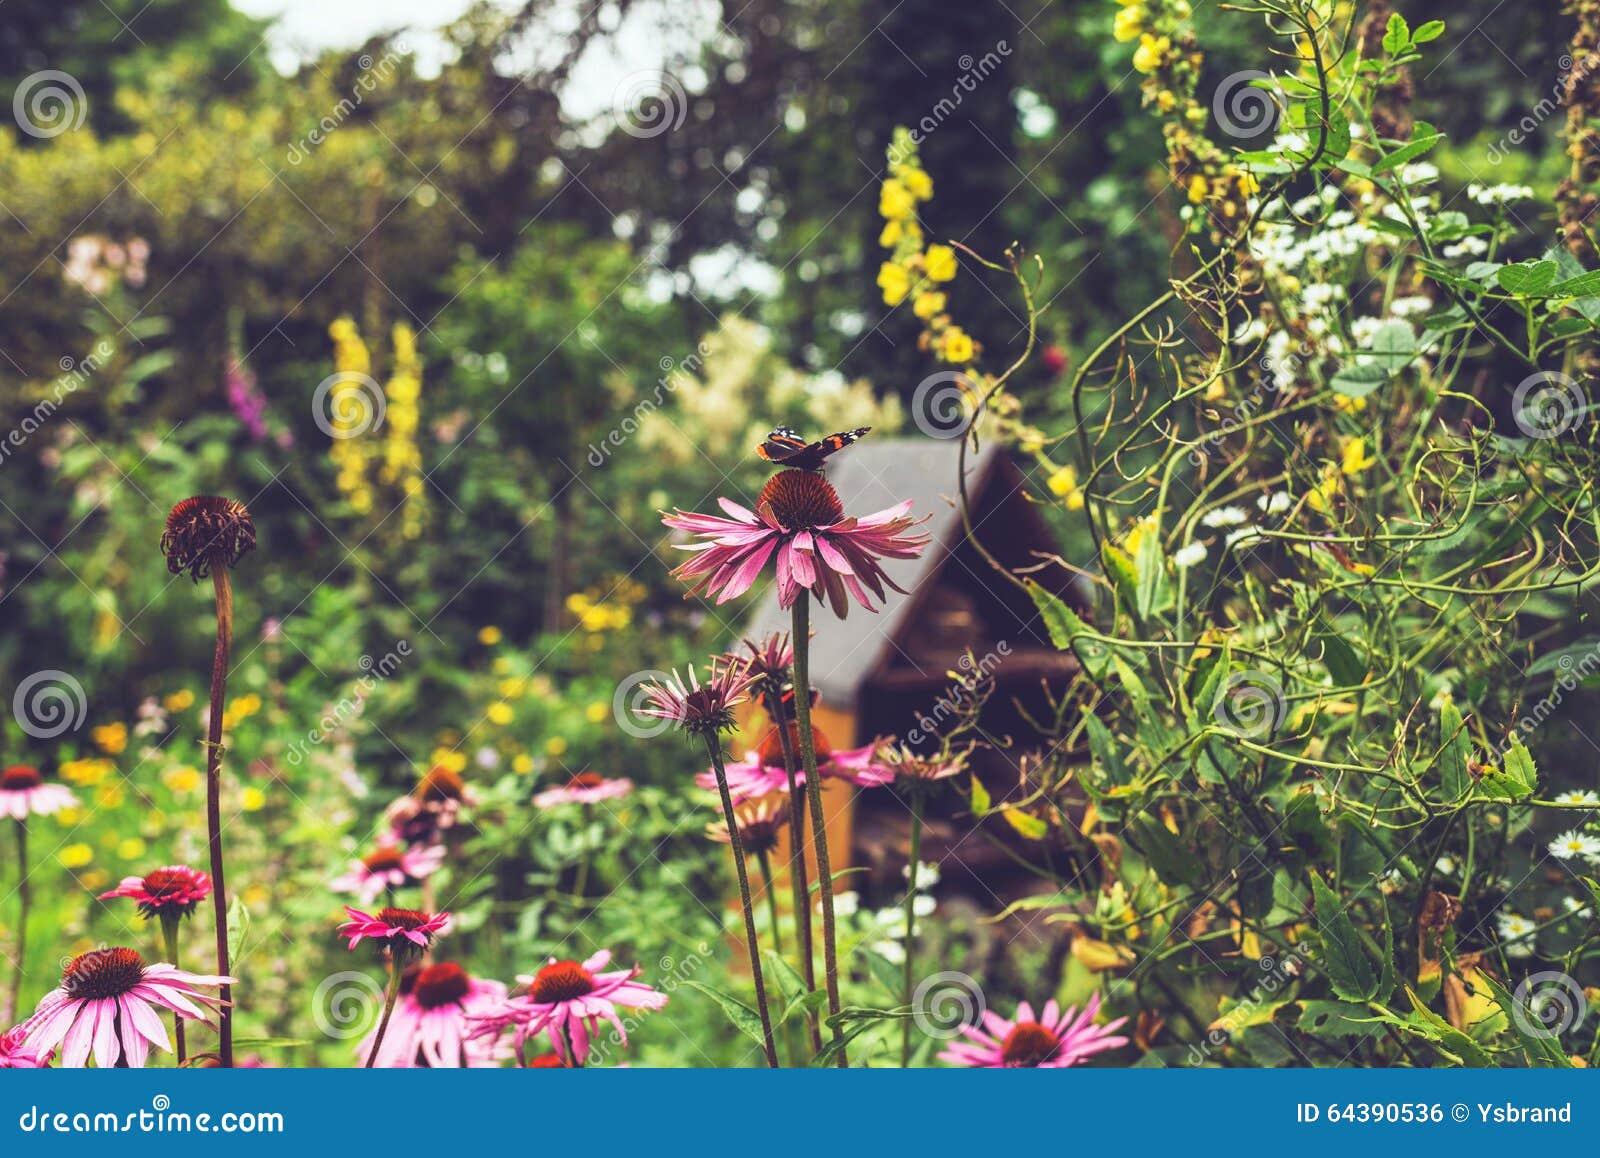 Rosa Blumen Mit Schmetterling Im Garten Stockfoto - Bild: 64390536 Blumen Schmetterlinge Im Garten